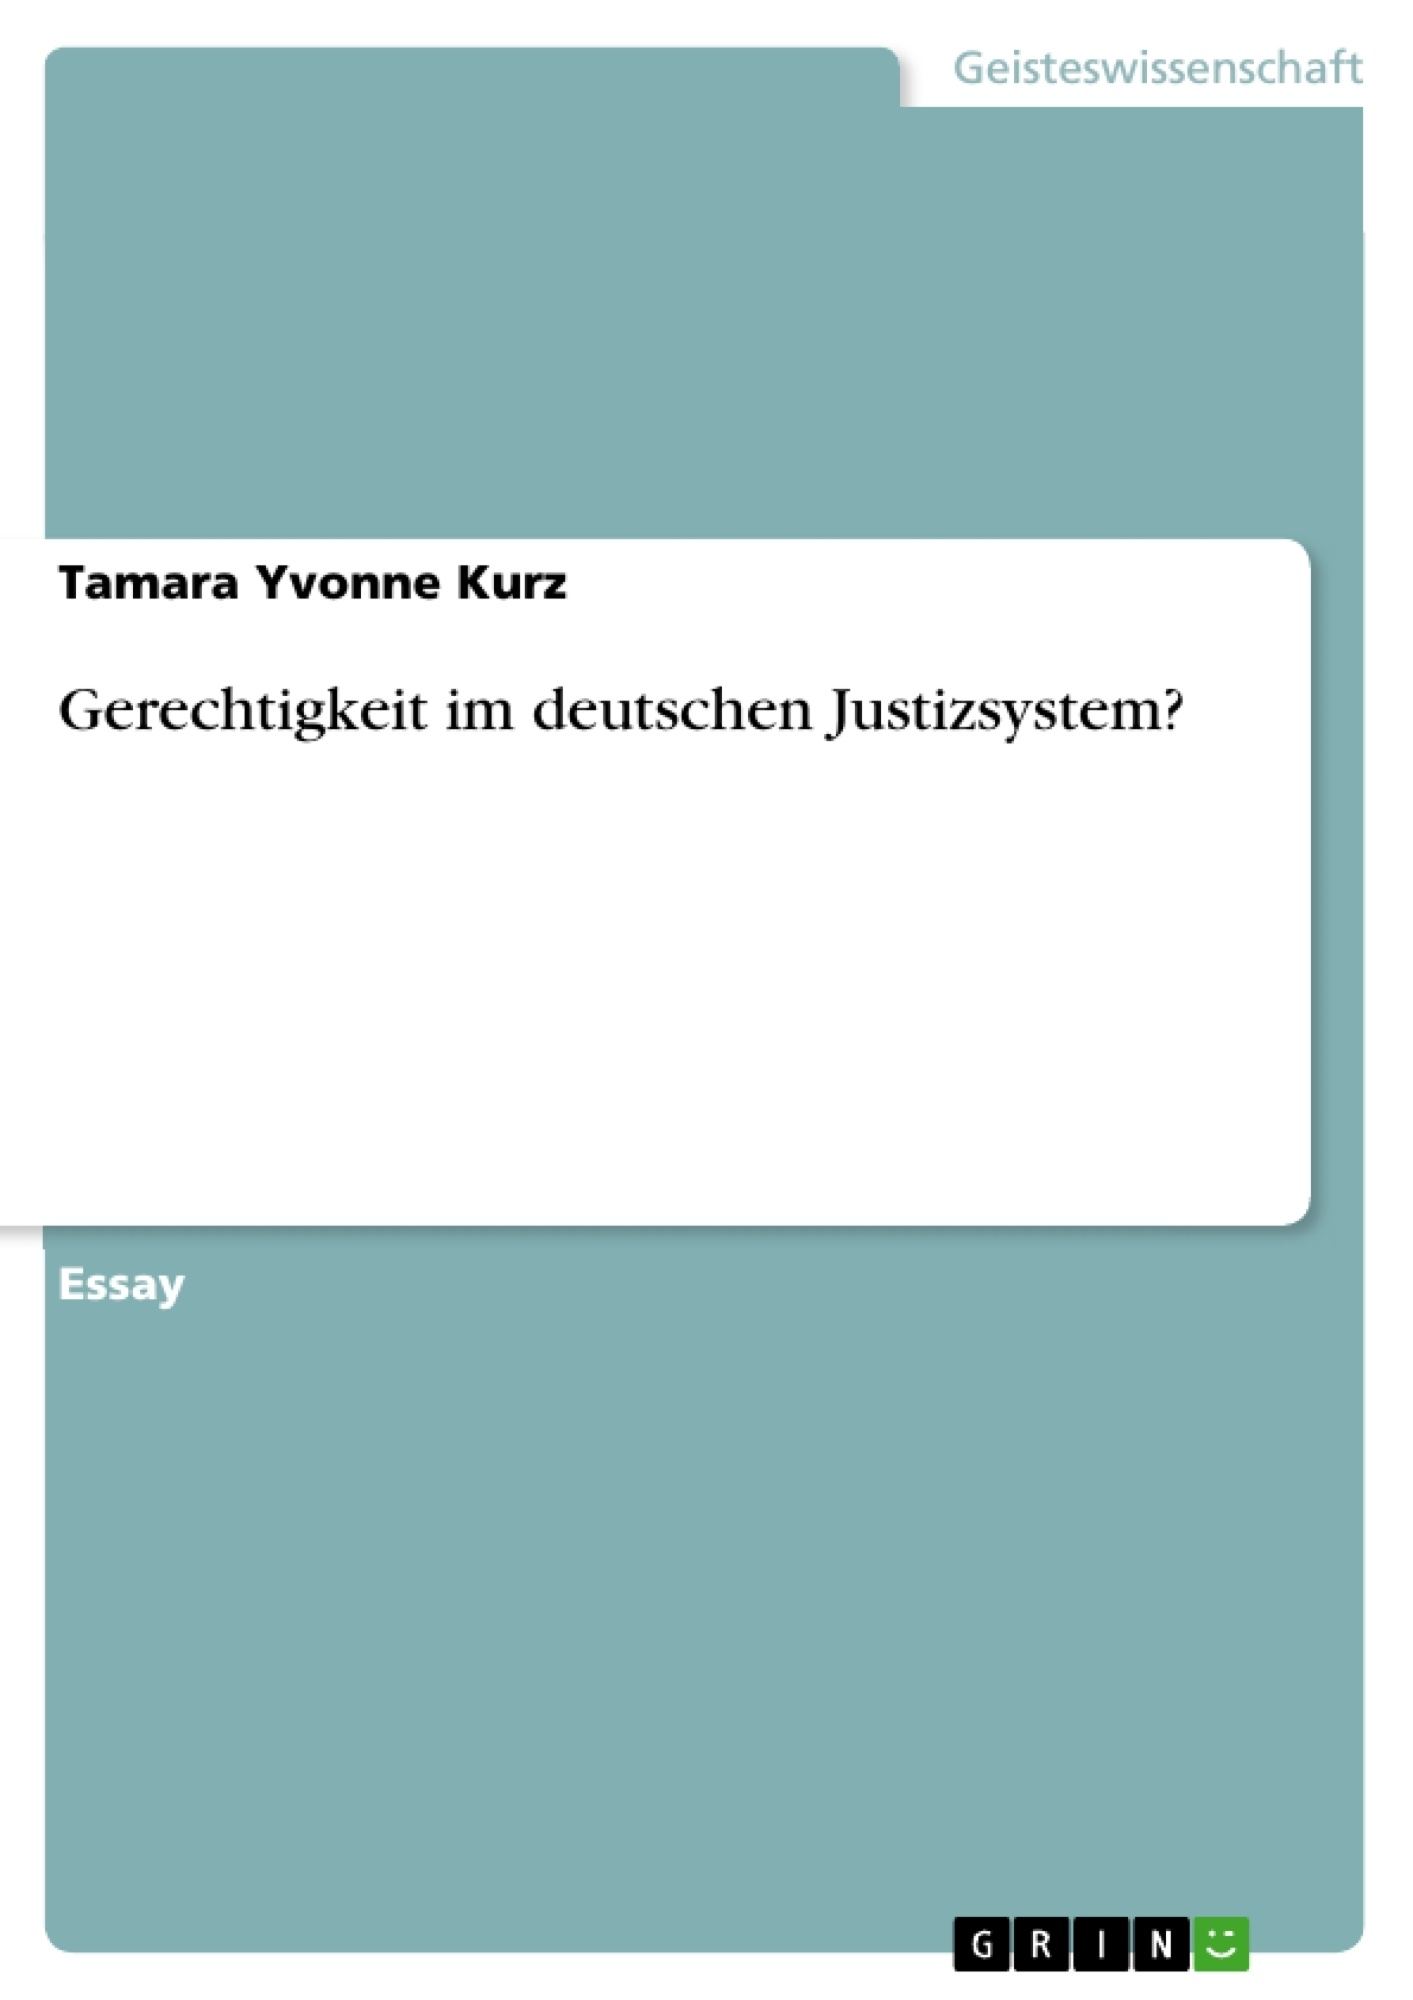 Titel: Gerechtigkeit im deutschen Justizsystem?